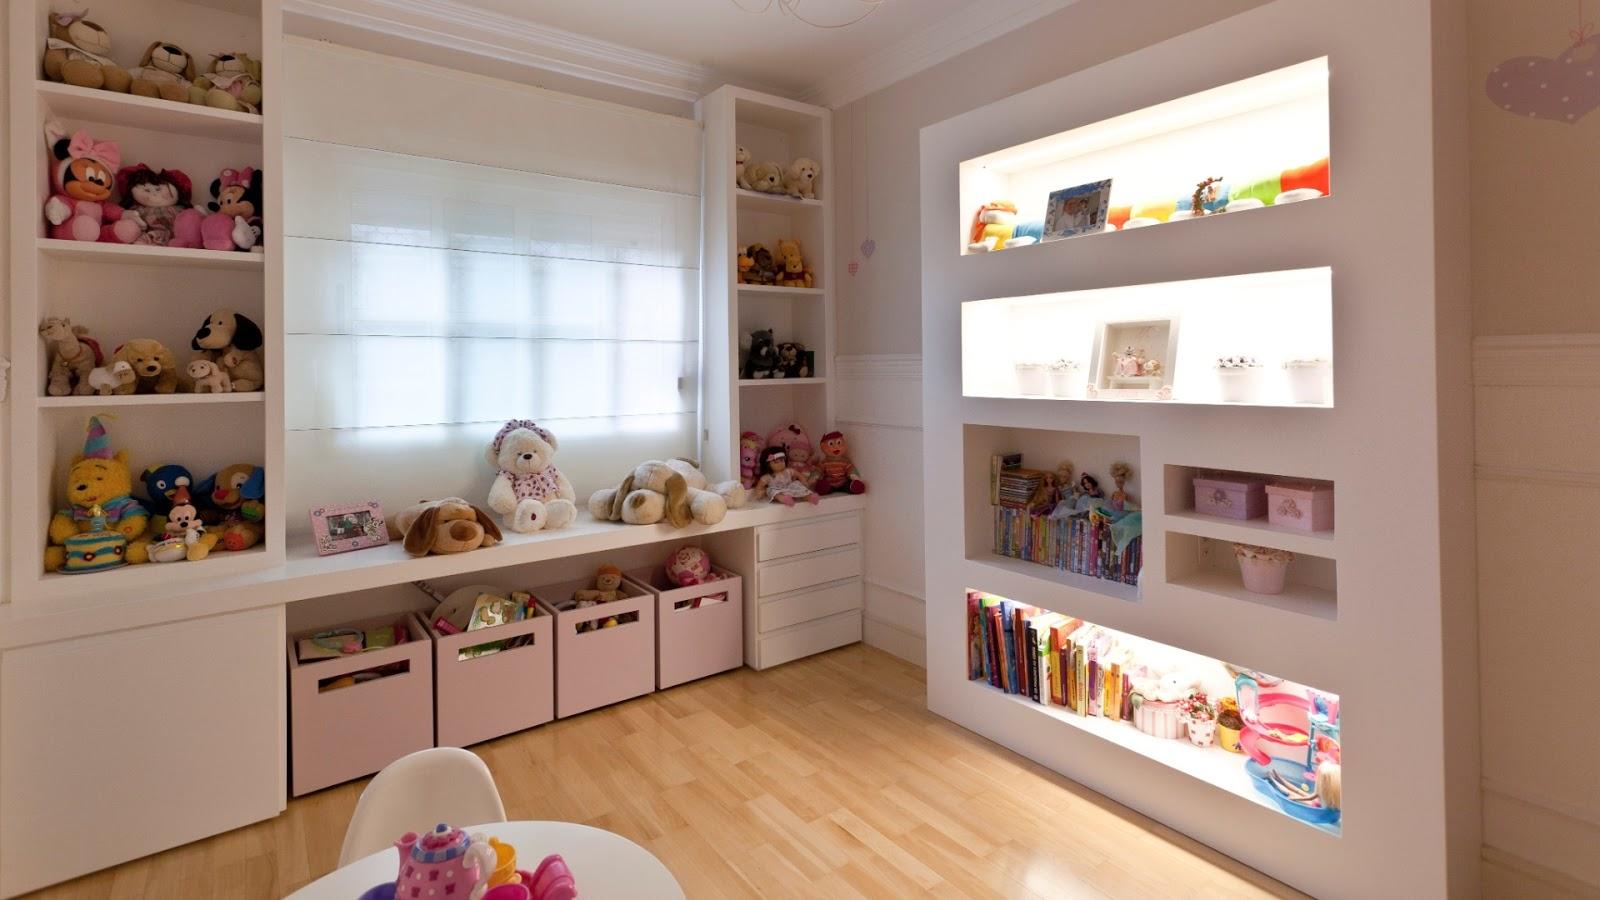 Para guardar os brinquedos apostem em prateleiras nichos baús  #926239 1600x900